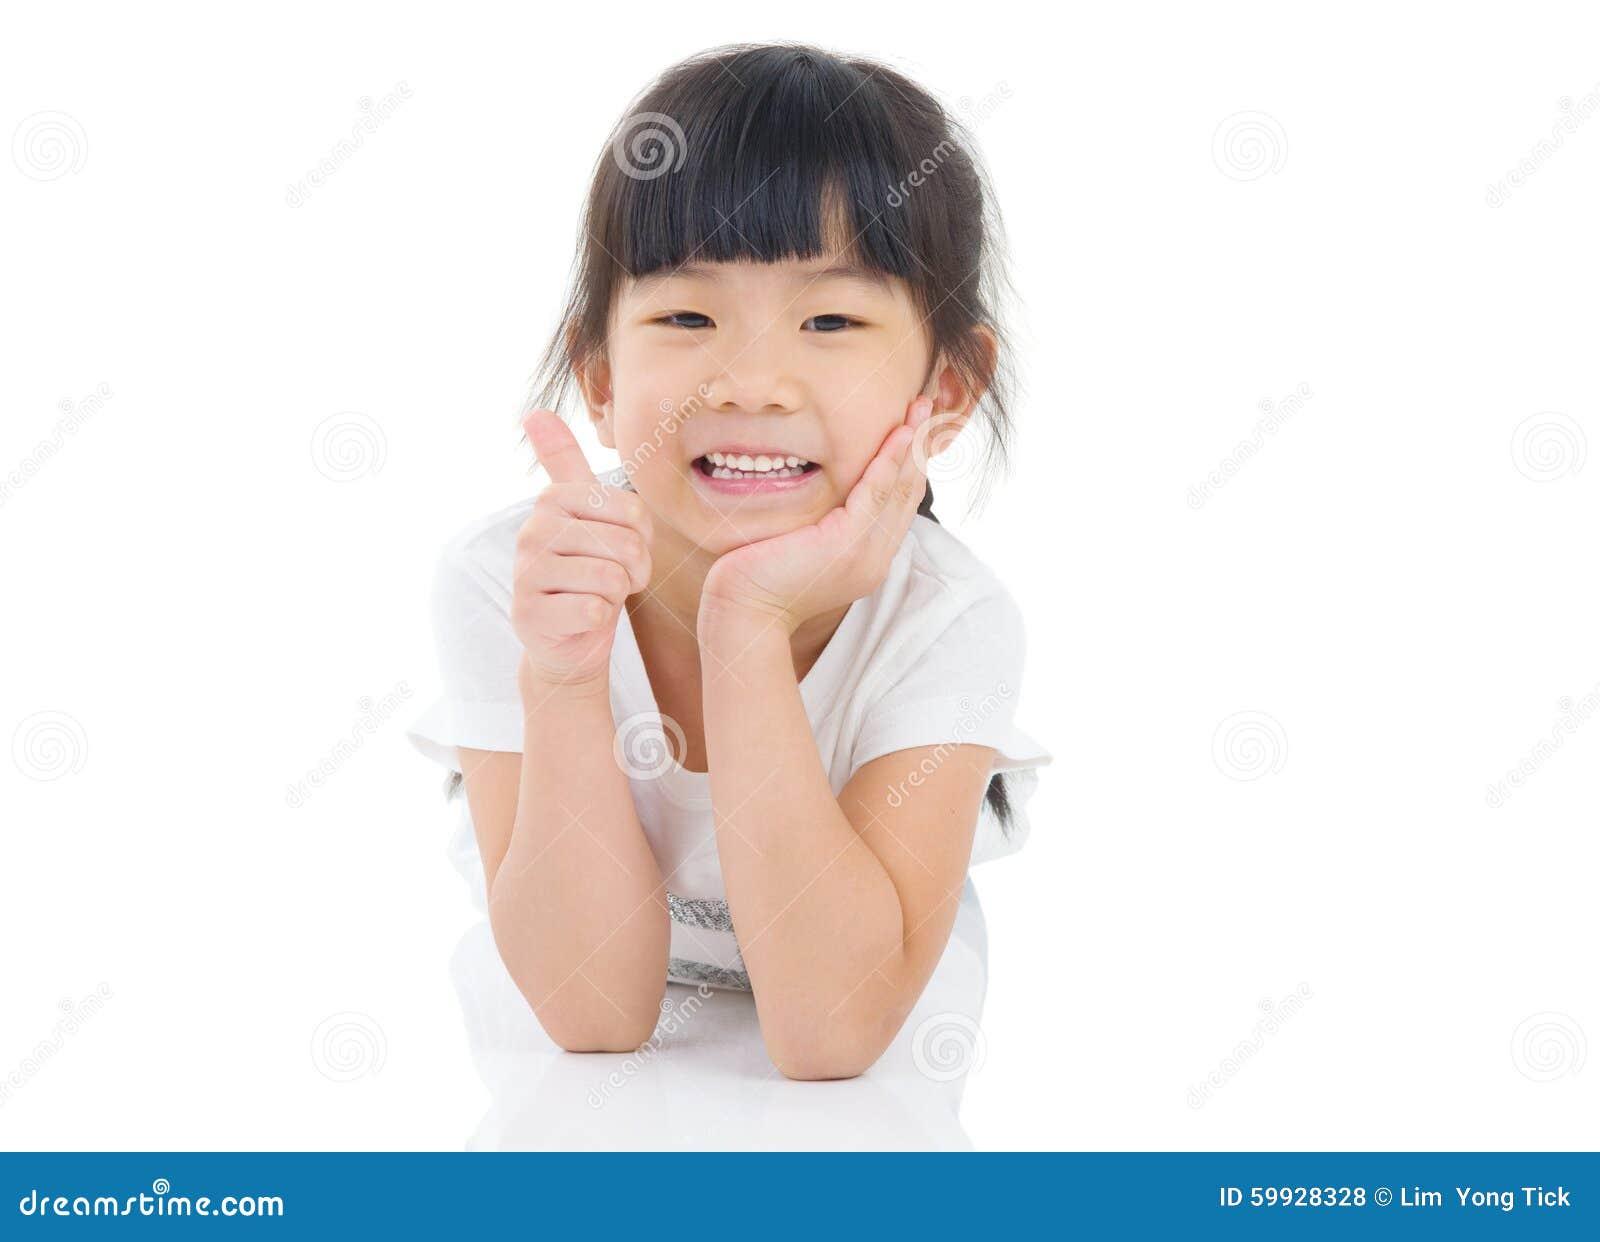 FILLE ASIATIQUE GRATUITE : Photo de fille asiatique